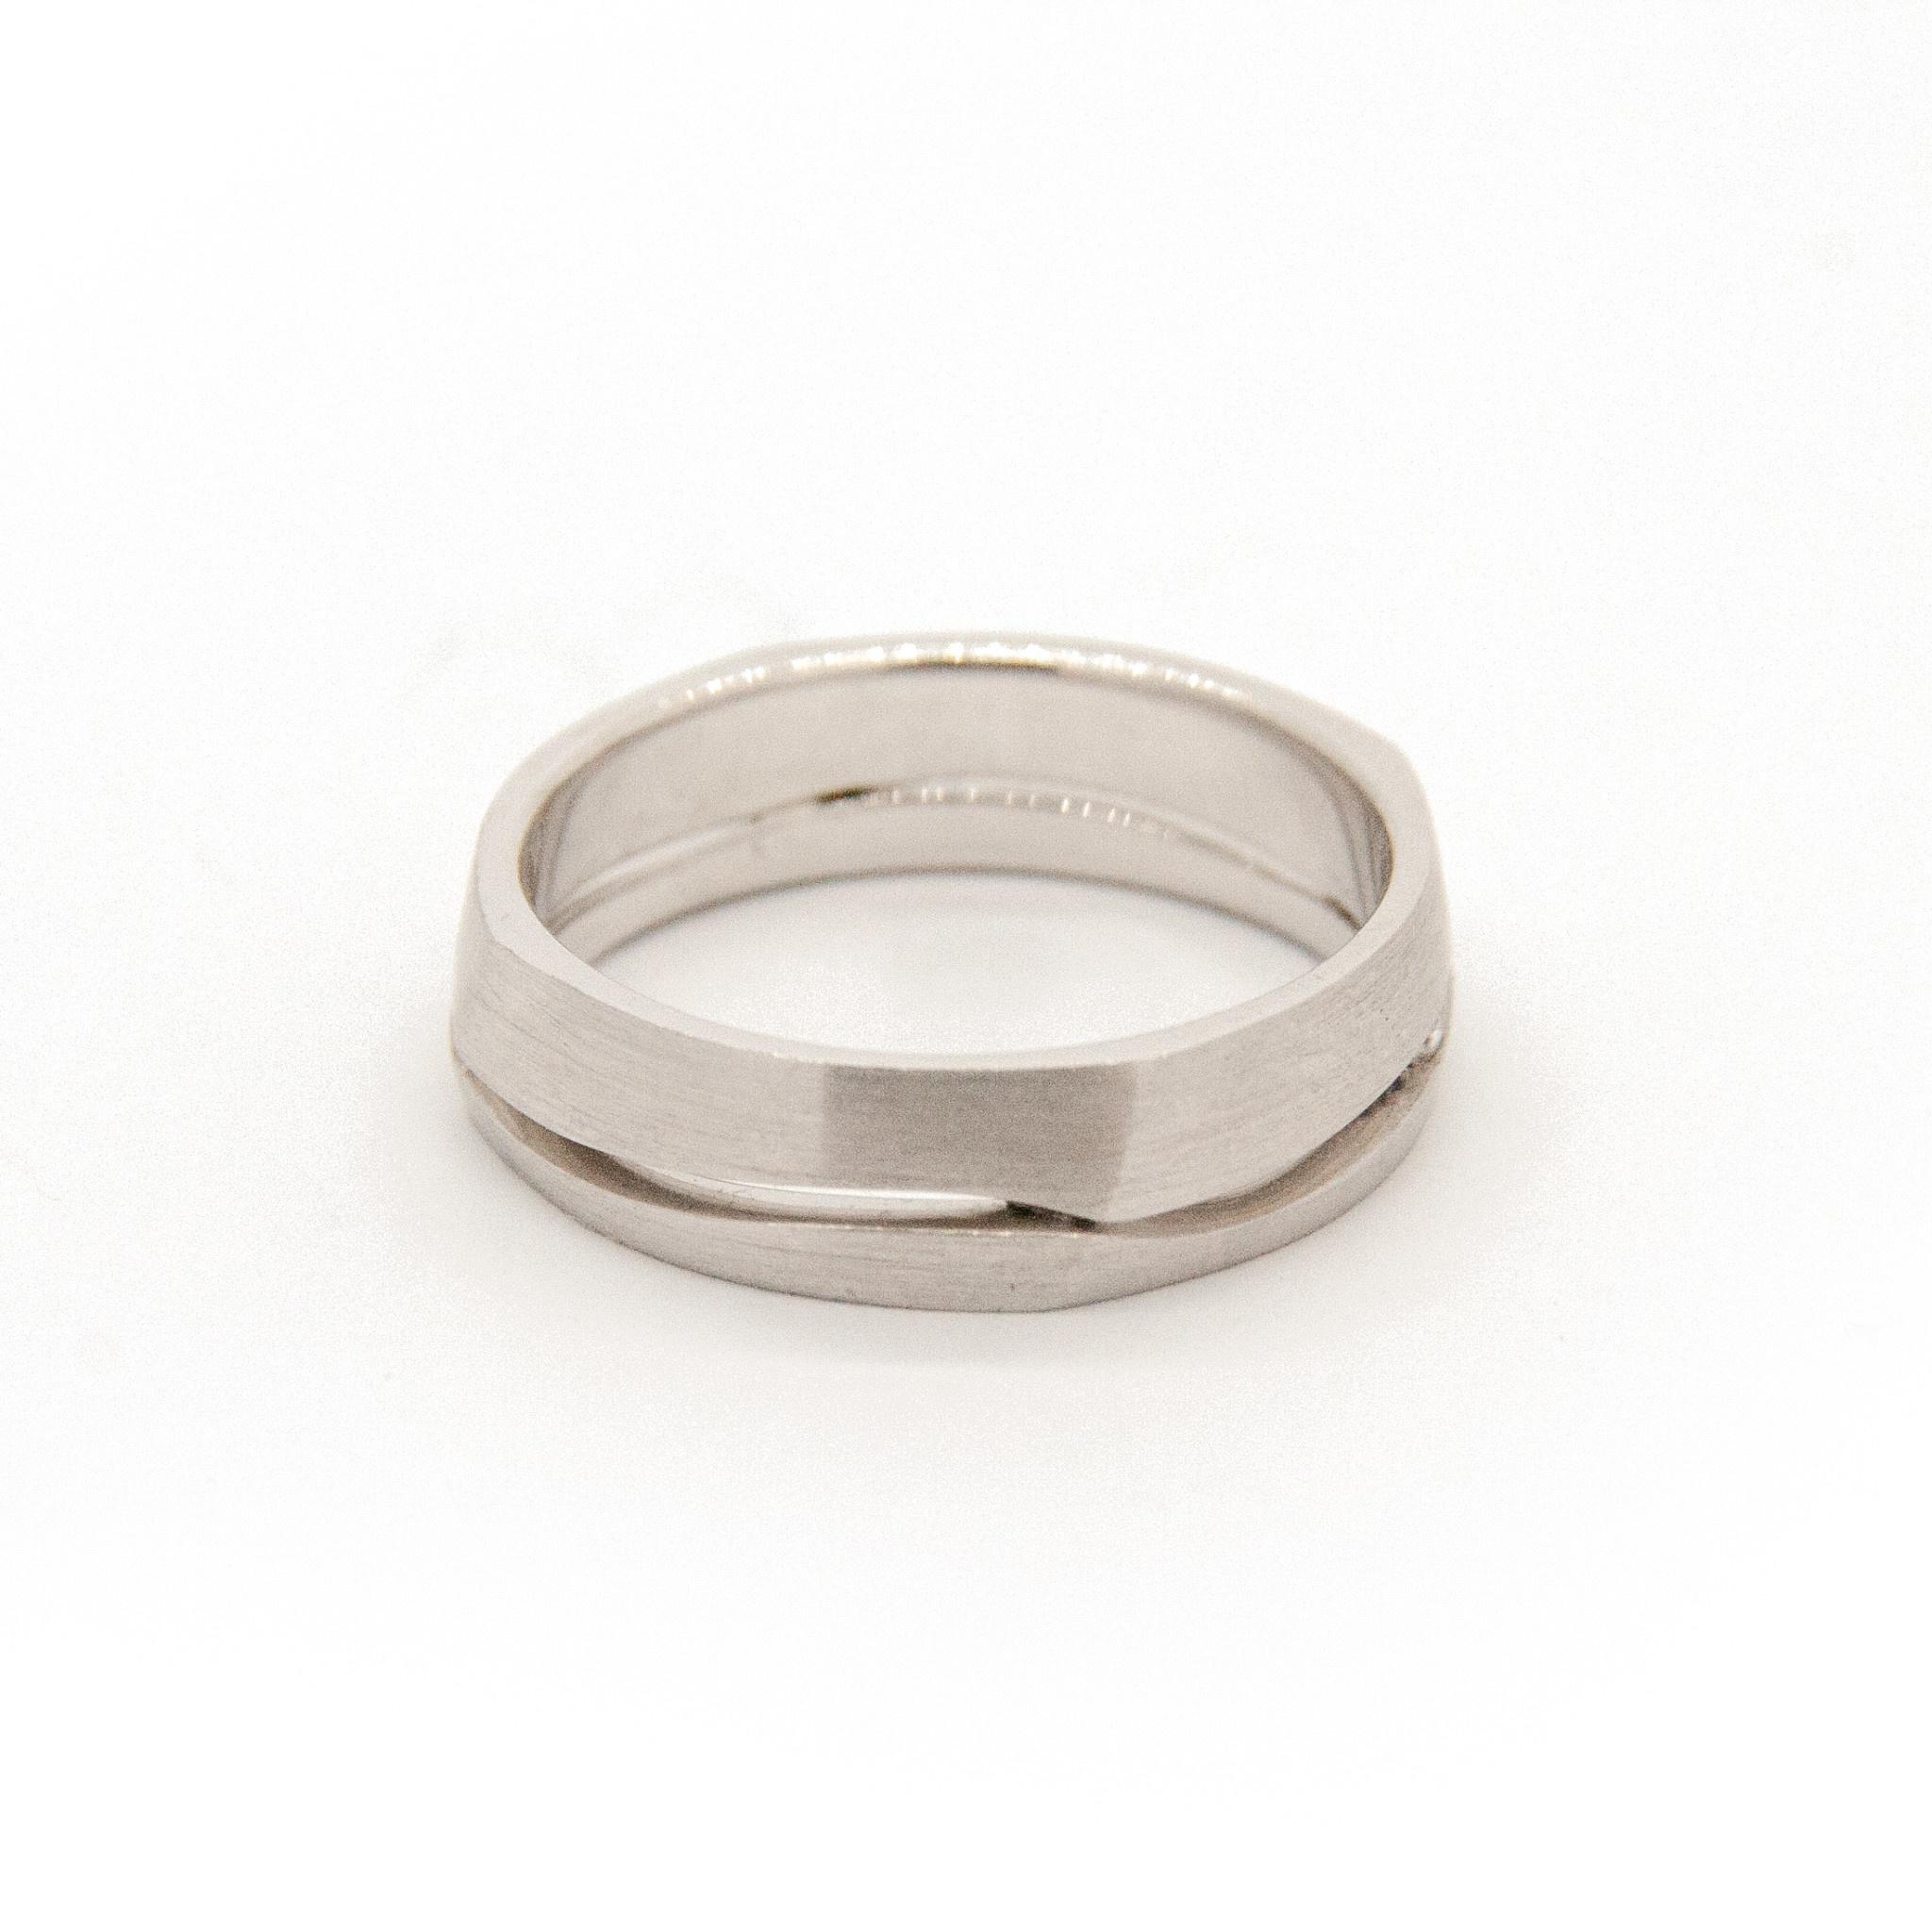 14k White Gold Wedding Ring-2